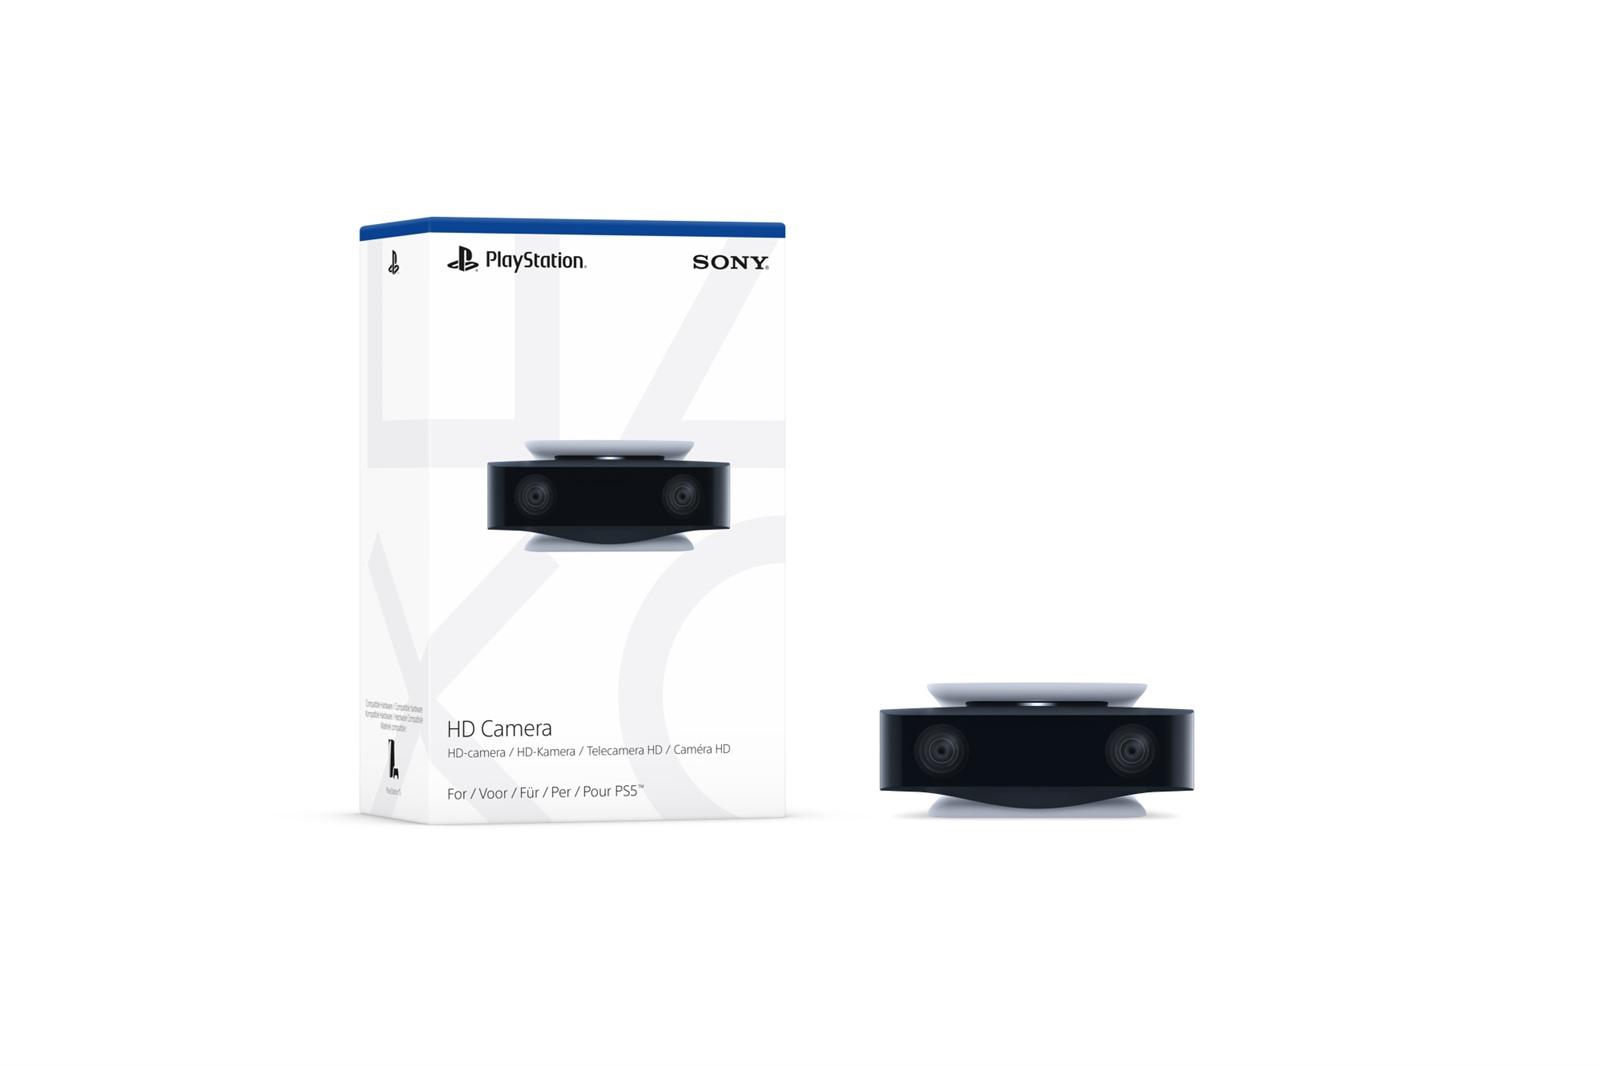 Sony HD Camera PS5